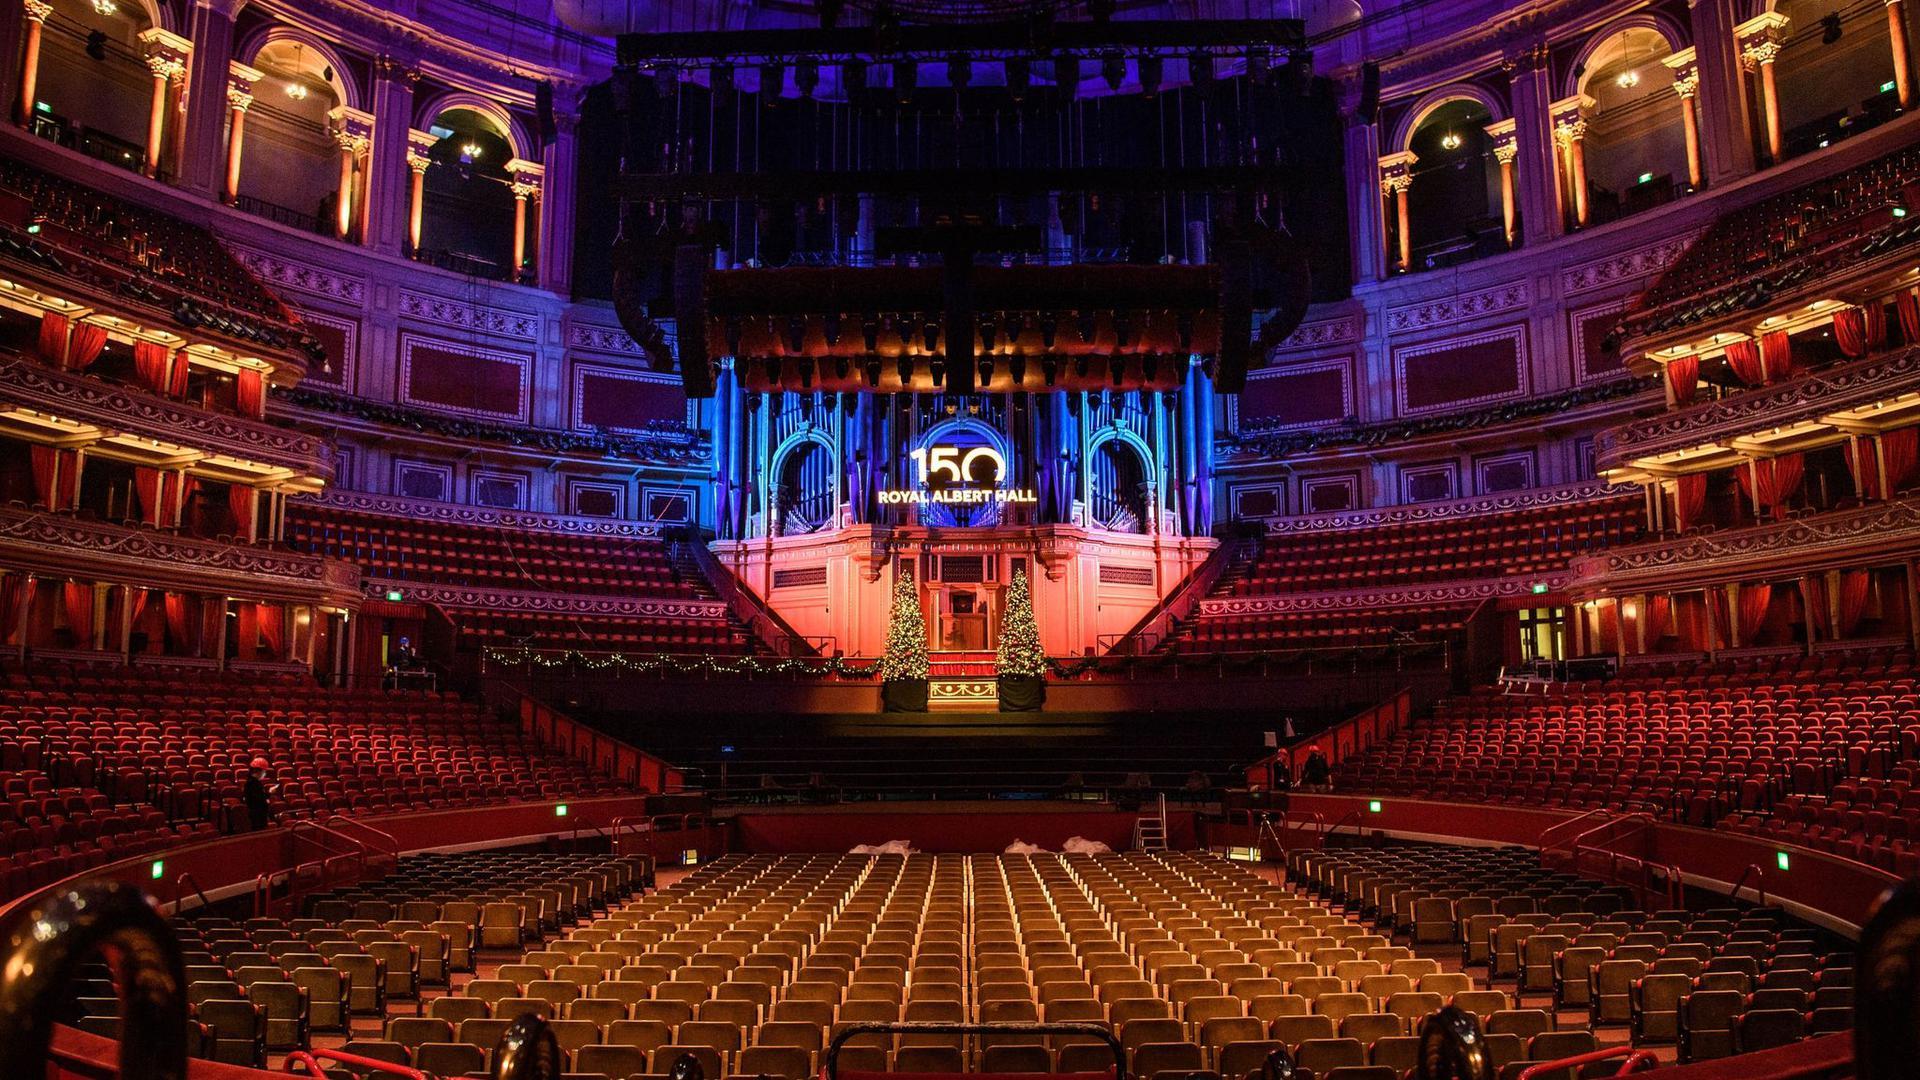 Die Royal Albert Hall feiert ihr 150-jähriges Bestehen.